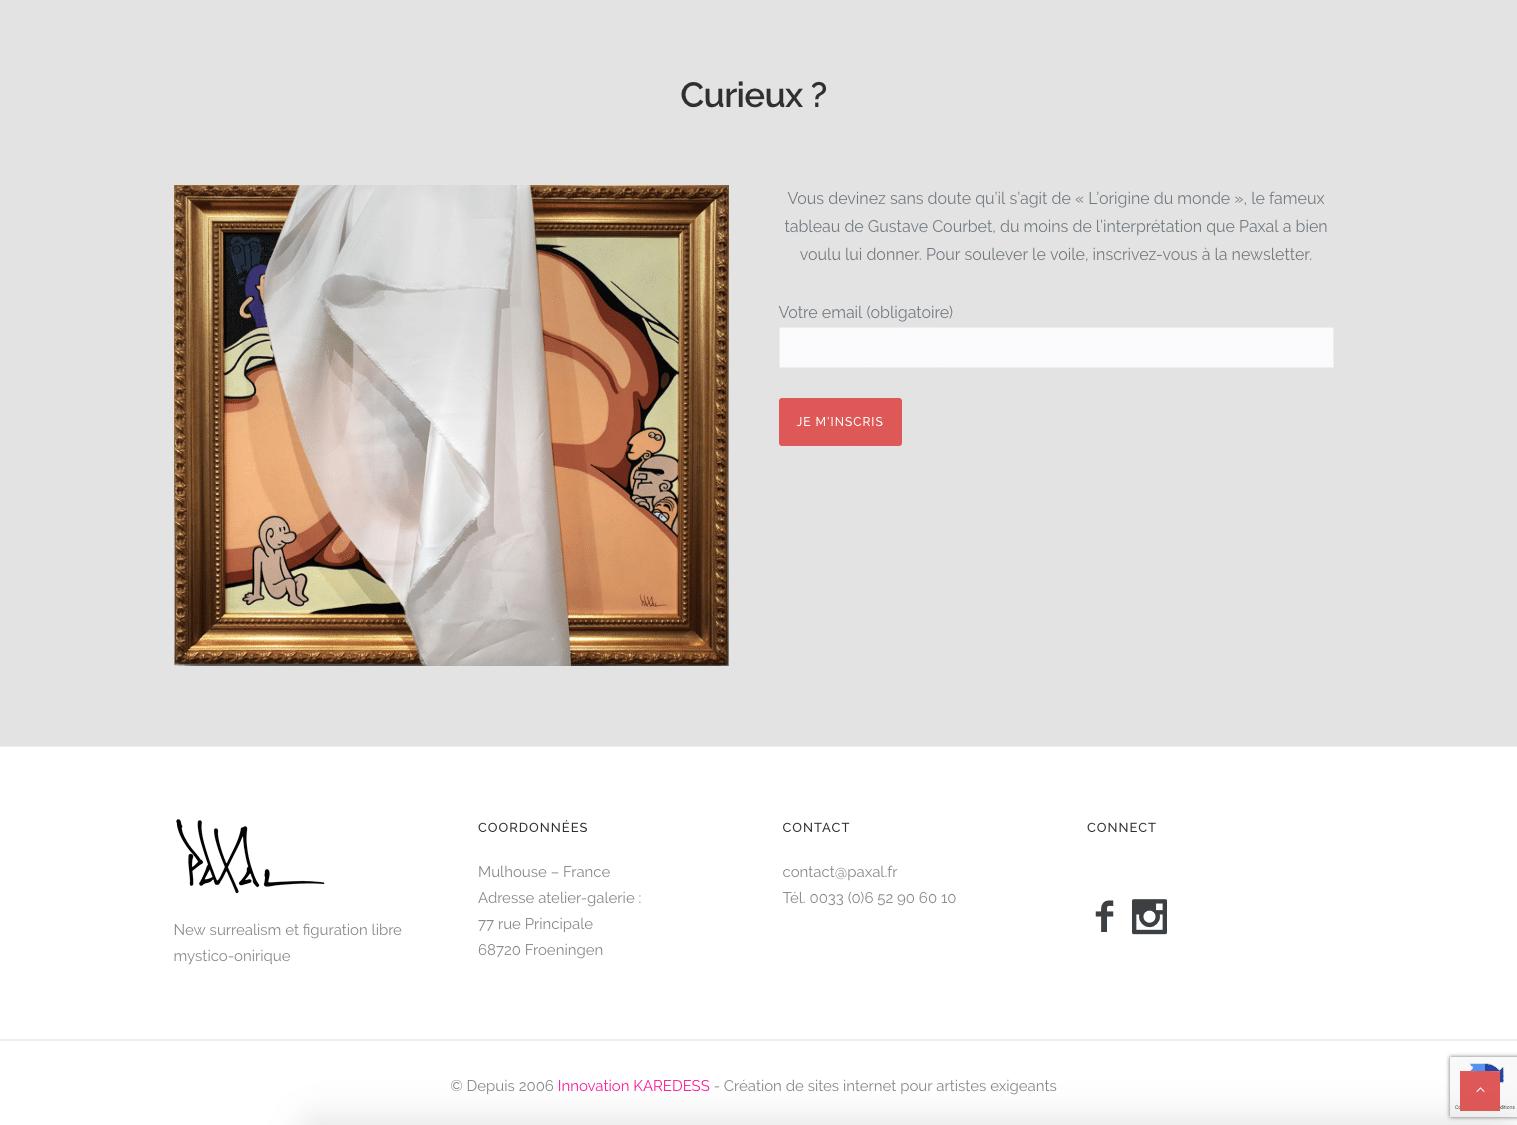 Paxal galeriste, montre son formulaire de contact. Site créé par l'agence web de Mulhouse, Karedess